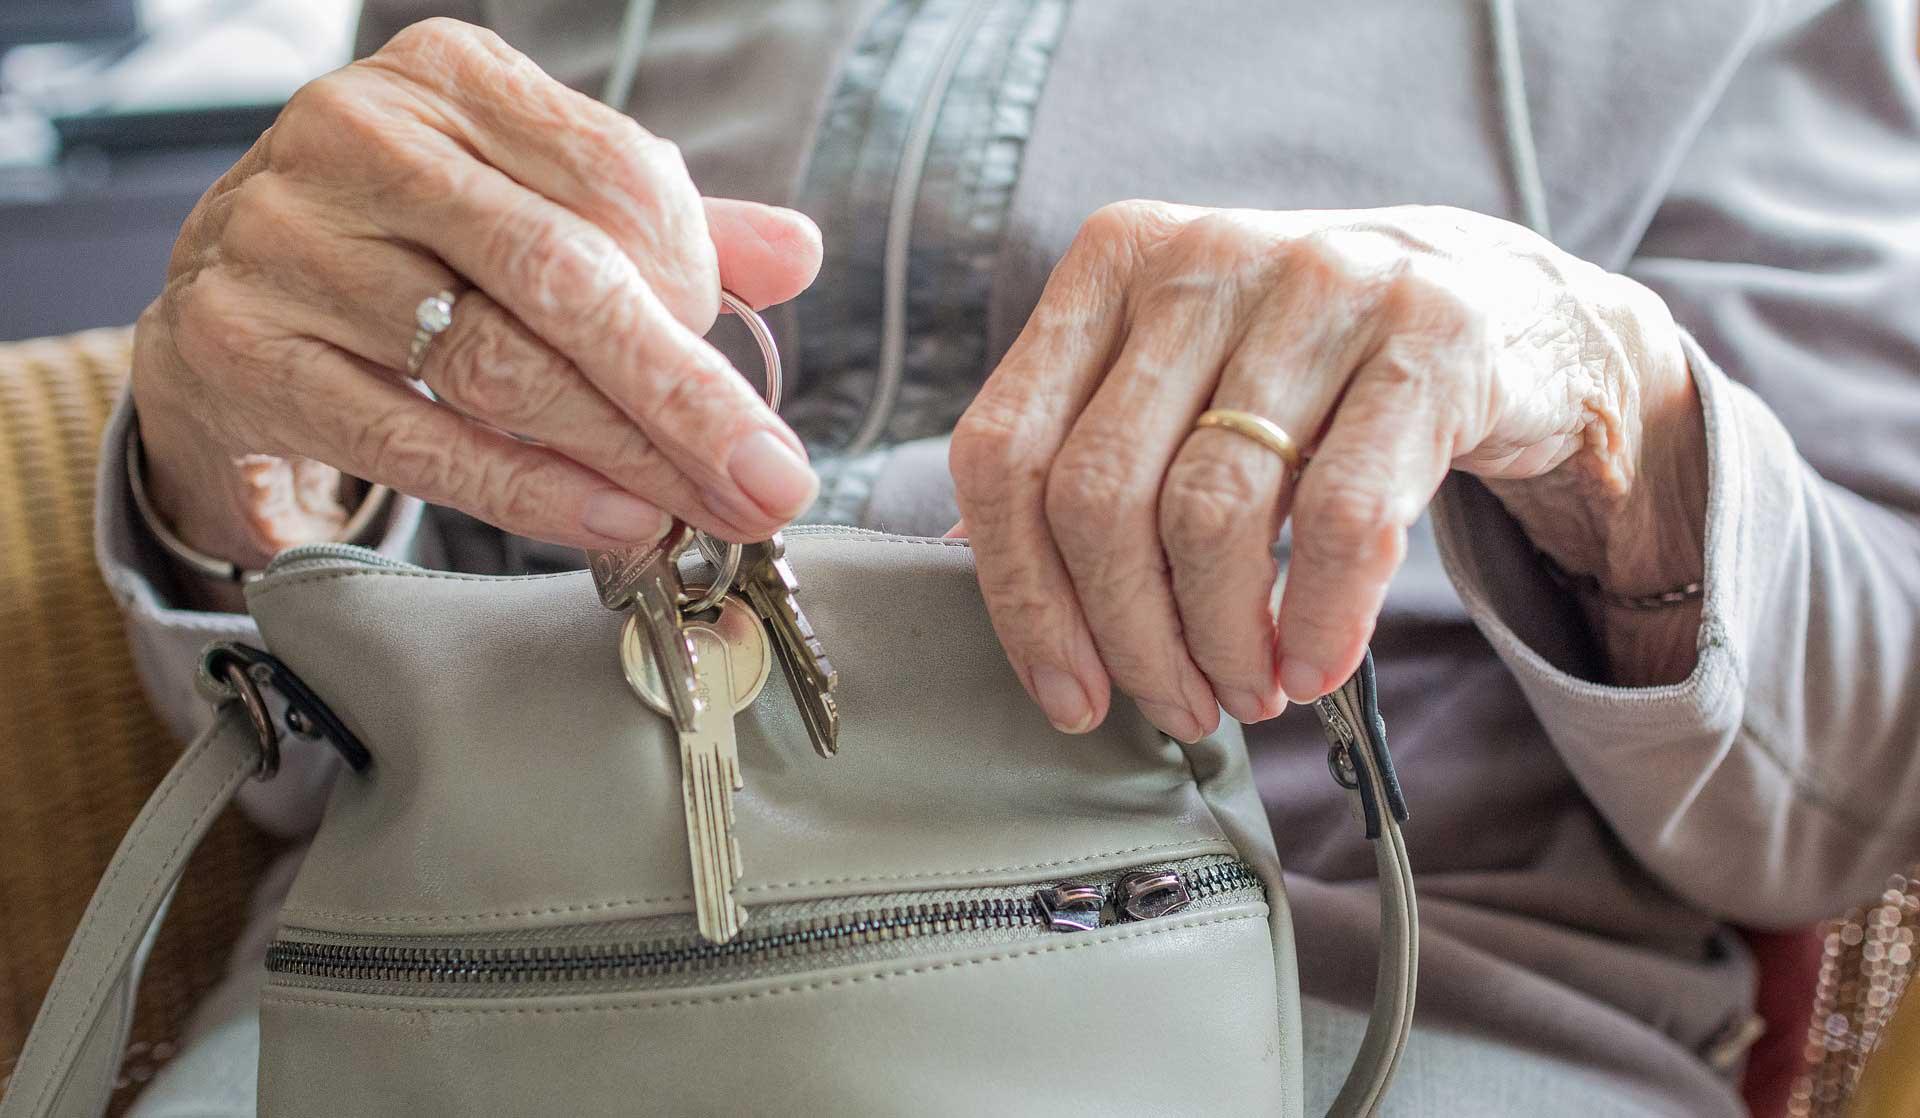 Demenz: Ursachen und Behandlung